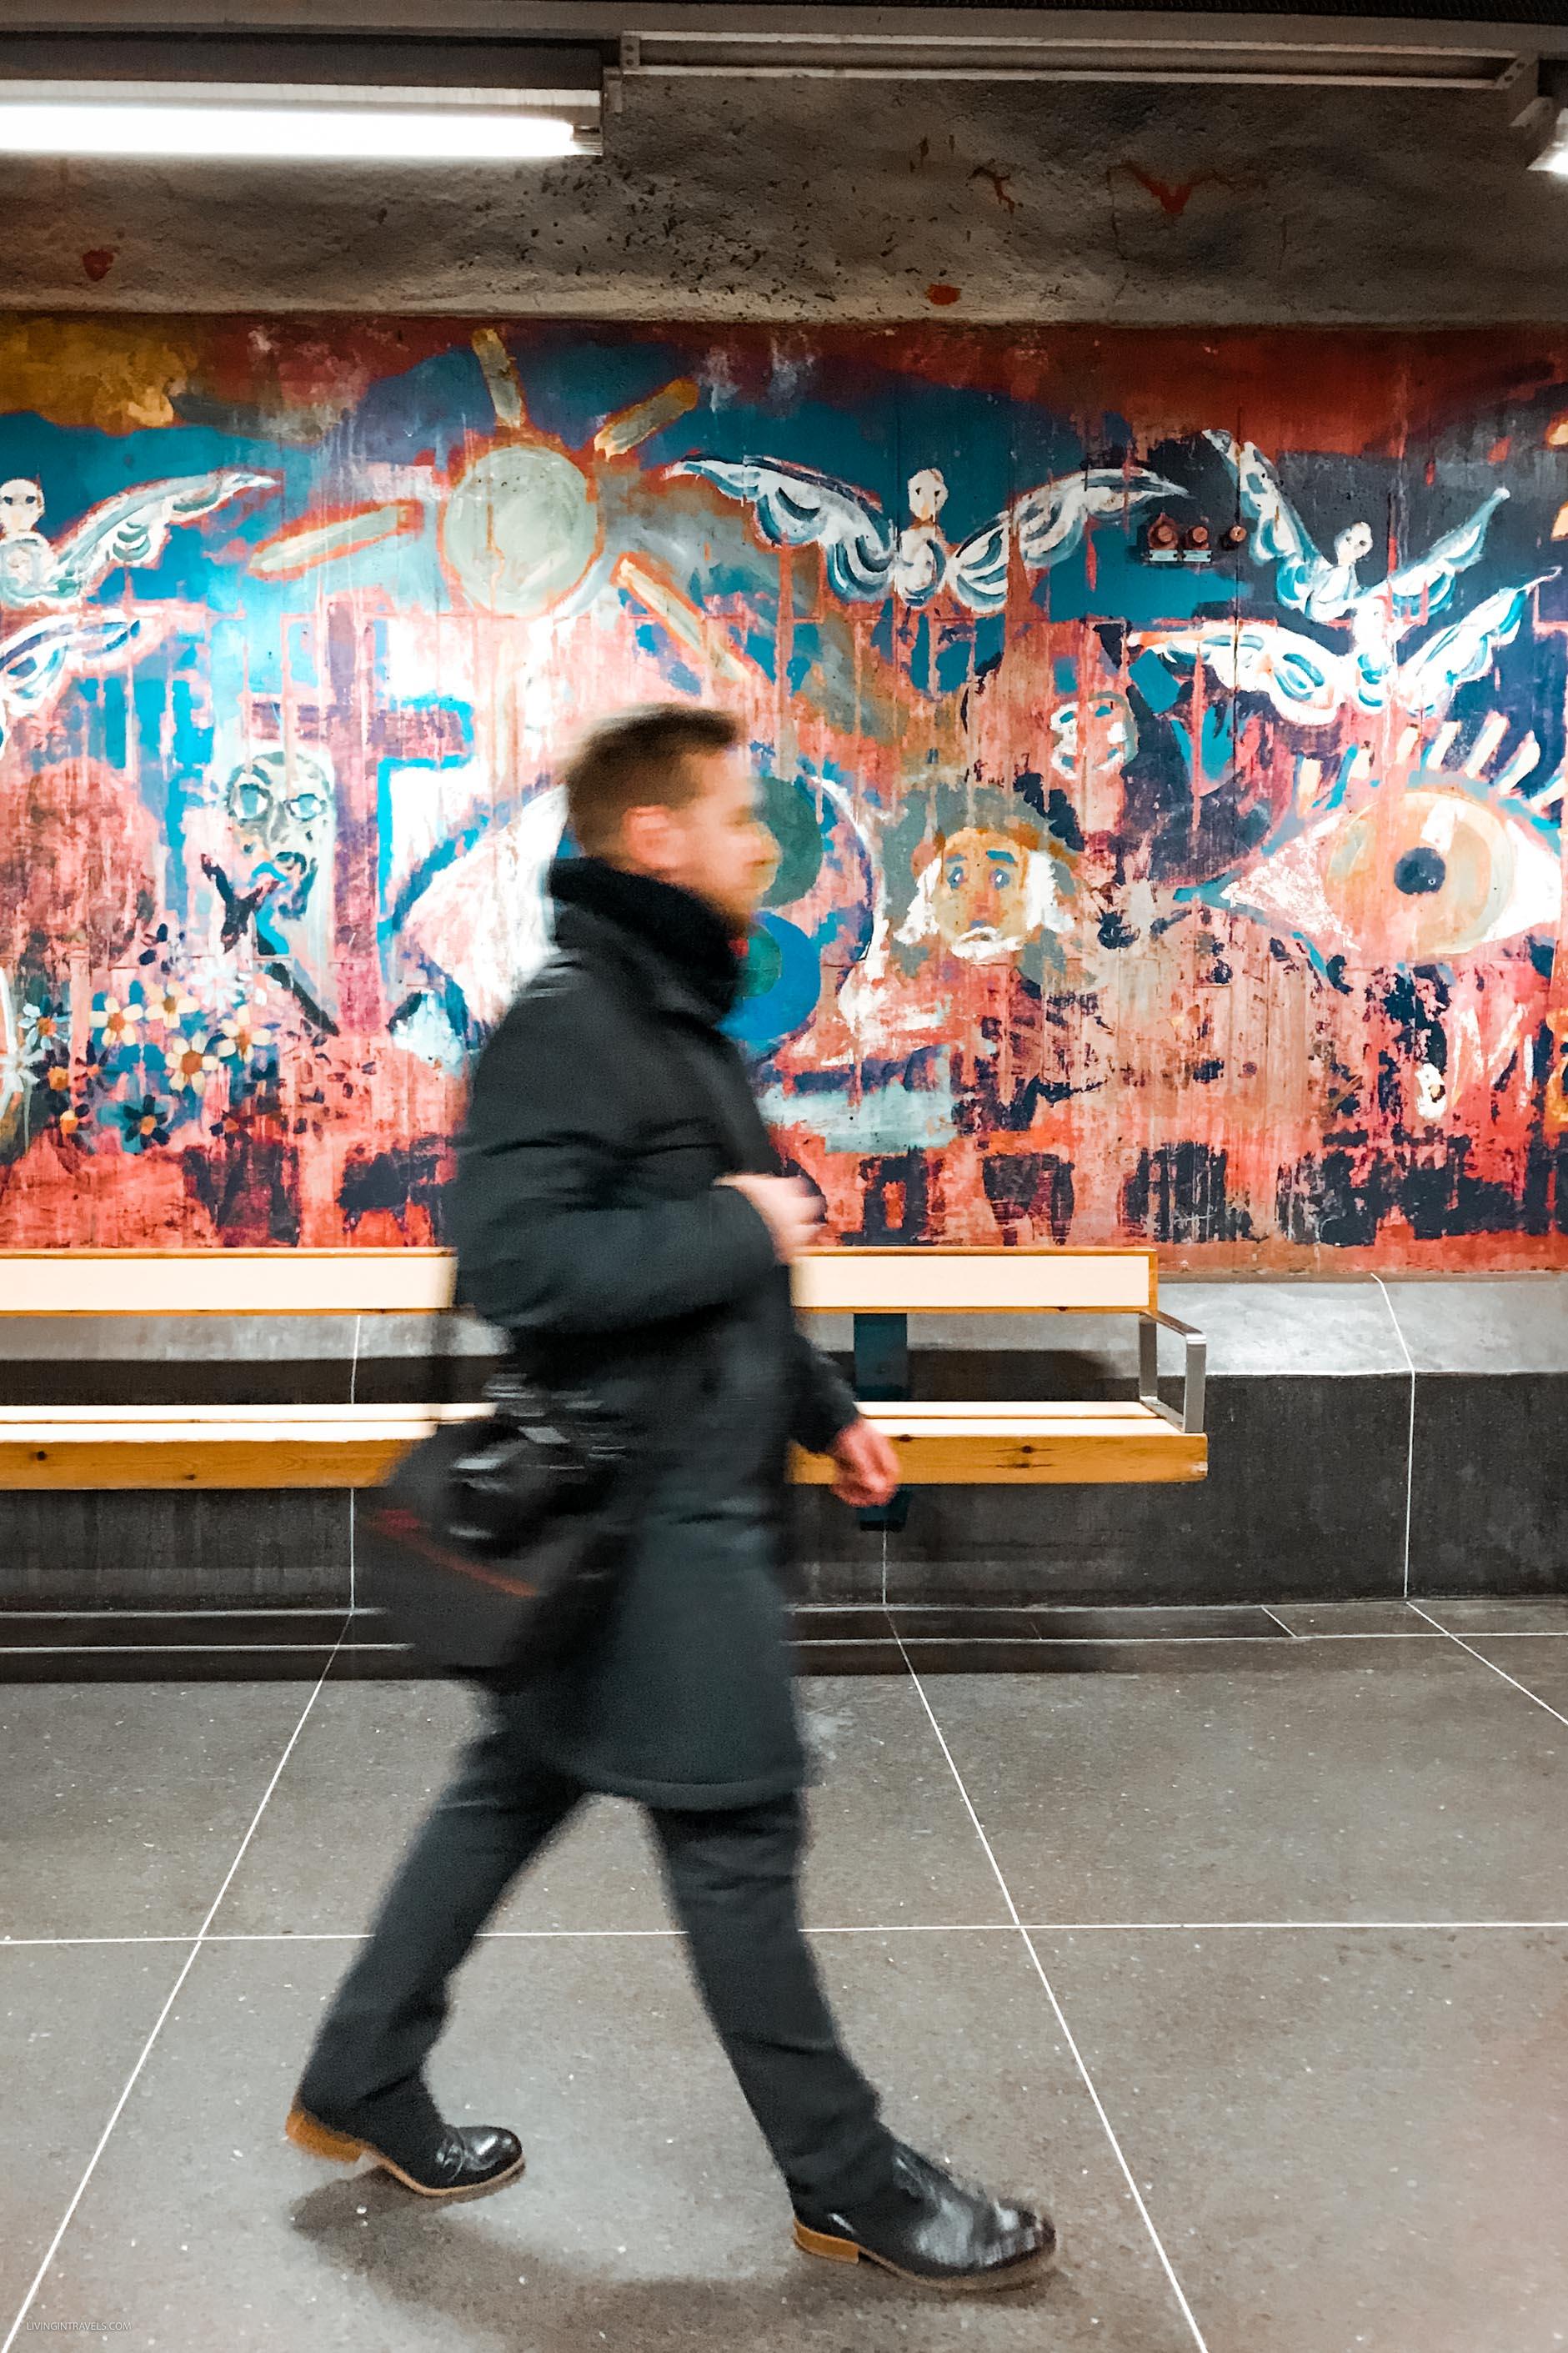 Станция Fridhemsplan. Арт-тур по метро Стокгольма: самые красивые станции